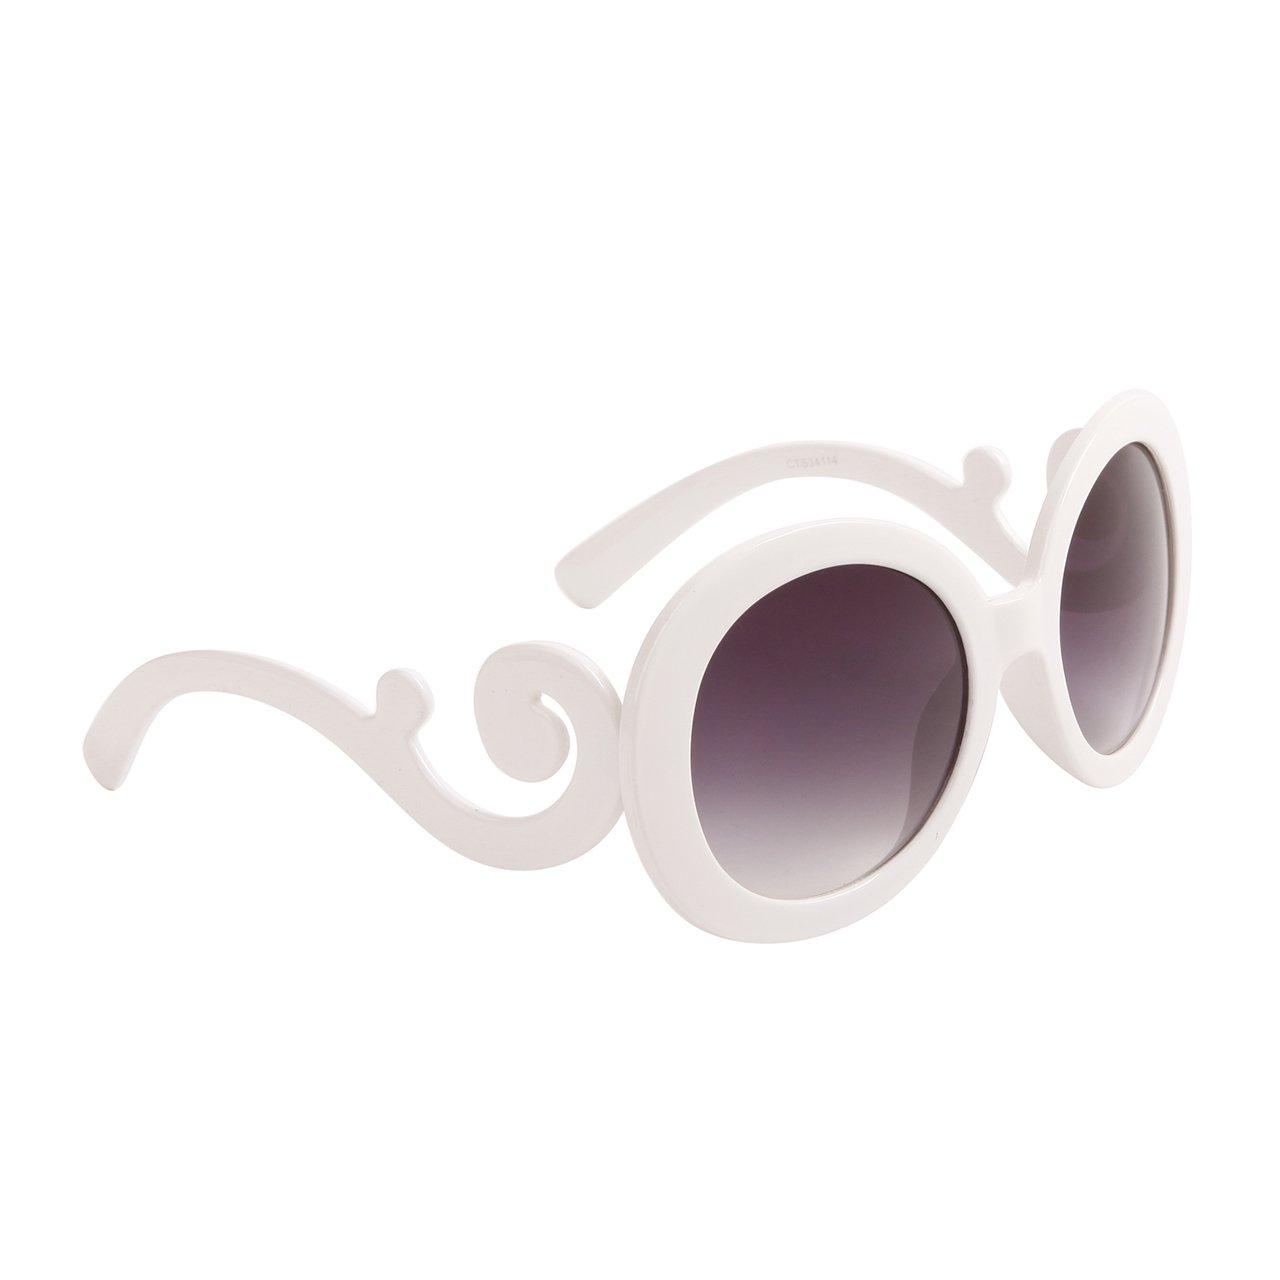 DESIGNER INSPIRED WOMEN'S SUNGLASSES WHITE FRAME TOP QUALITY UV PROTECTION